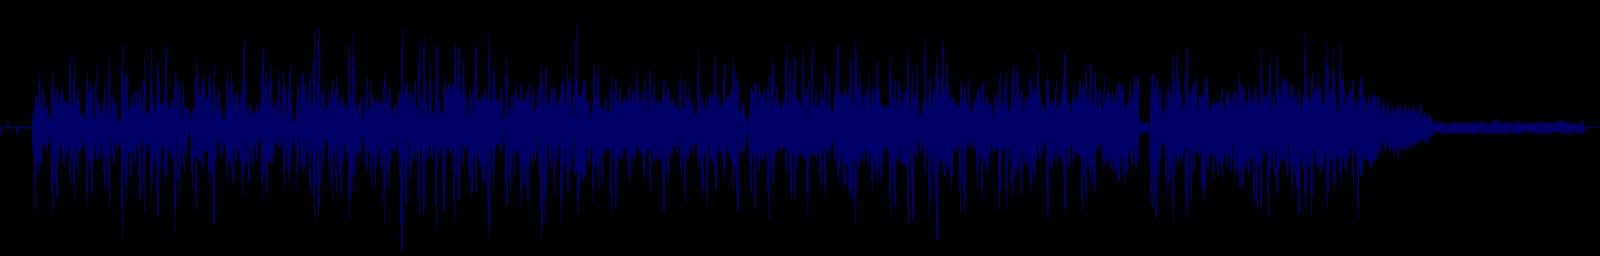 waveform of track #111885